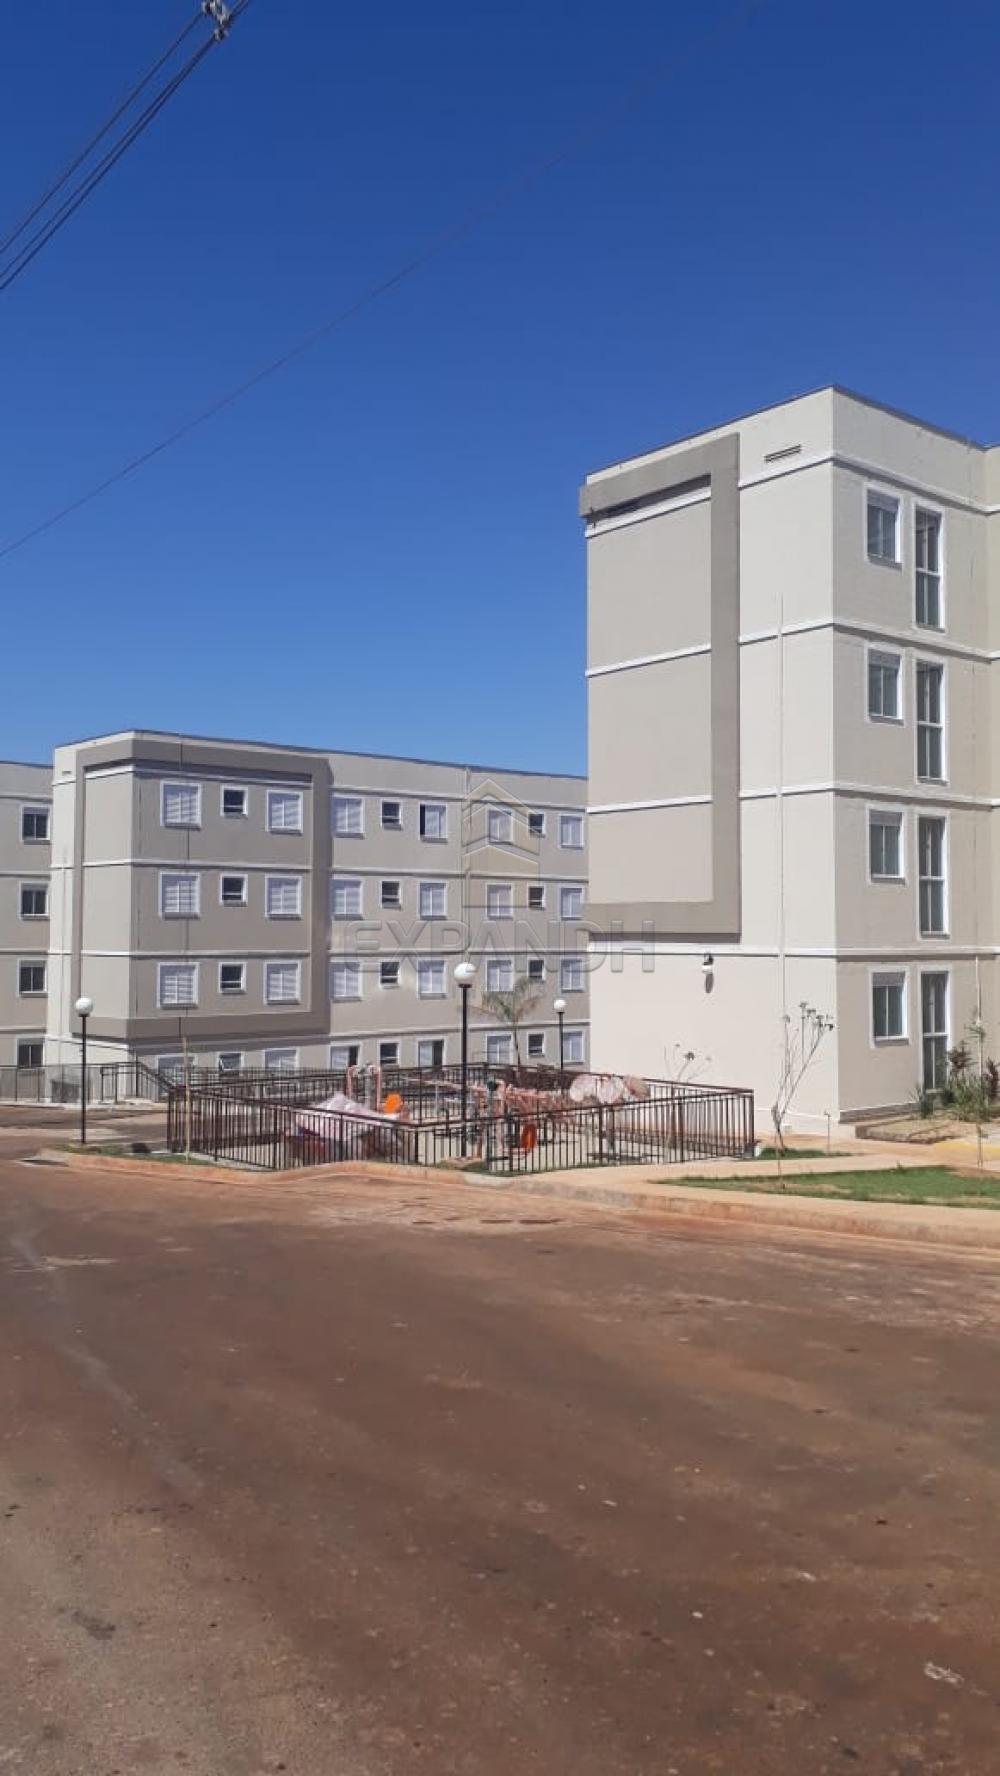 Comprar Apartamentos / Padrão em Sertãozinho apenas R$ 138.900,00 - Foto 11